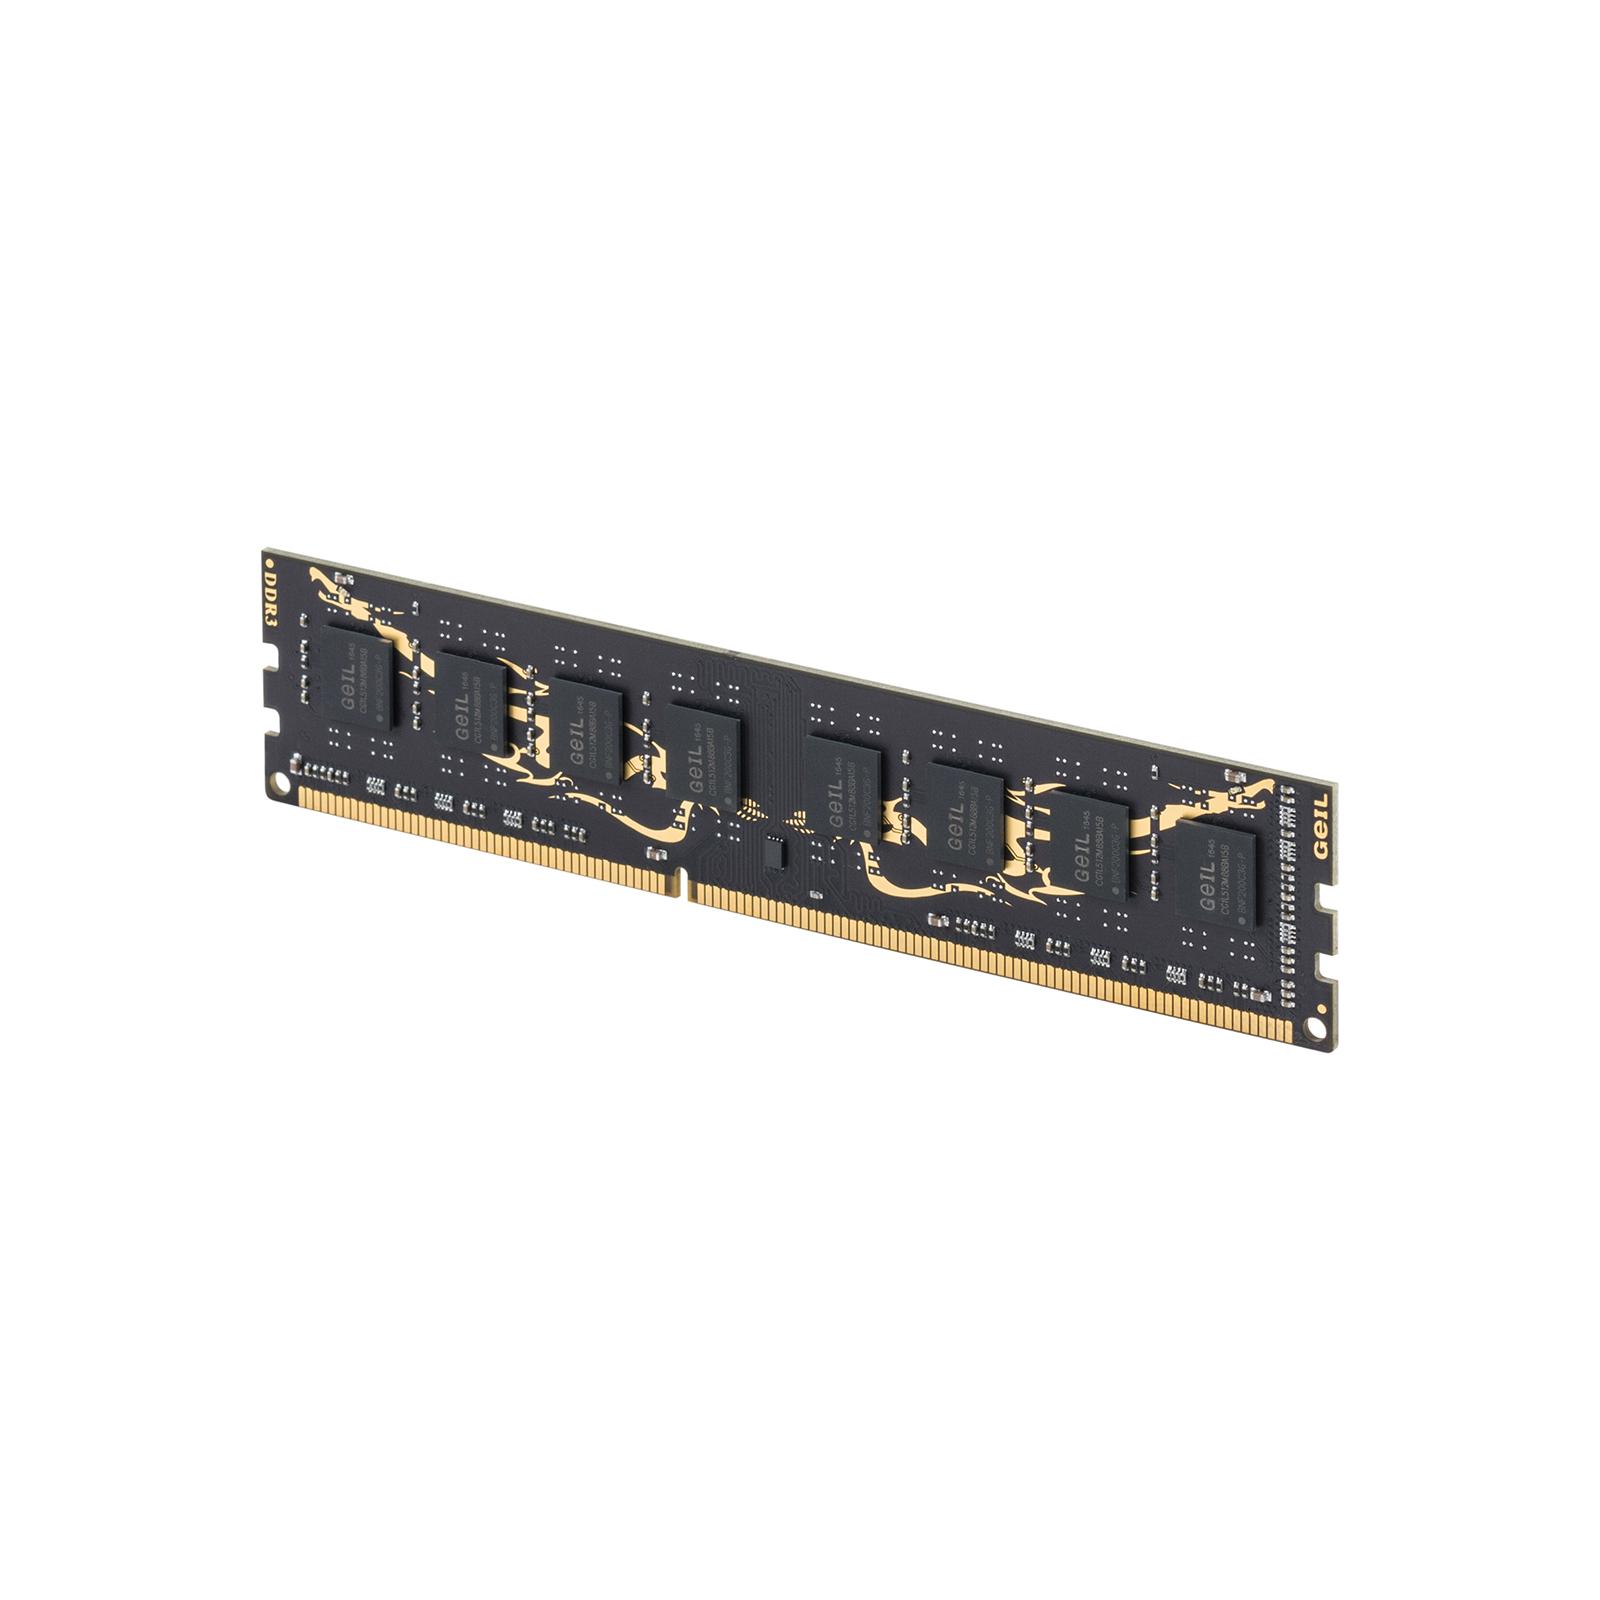 Модуль памяти для компьютера DDR3 16GB (2x8GB) 1600 MHz GEIL (GD316GB1600C11DC) изображение 3